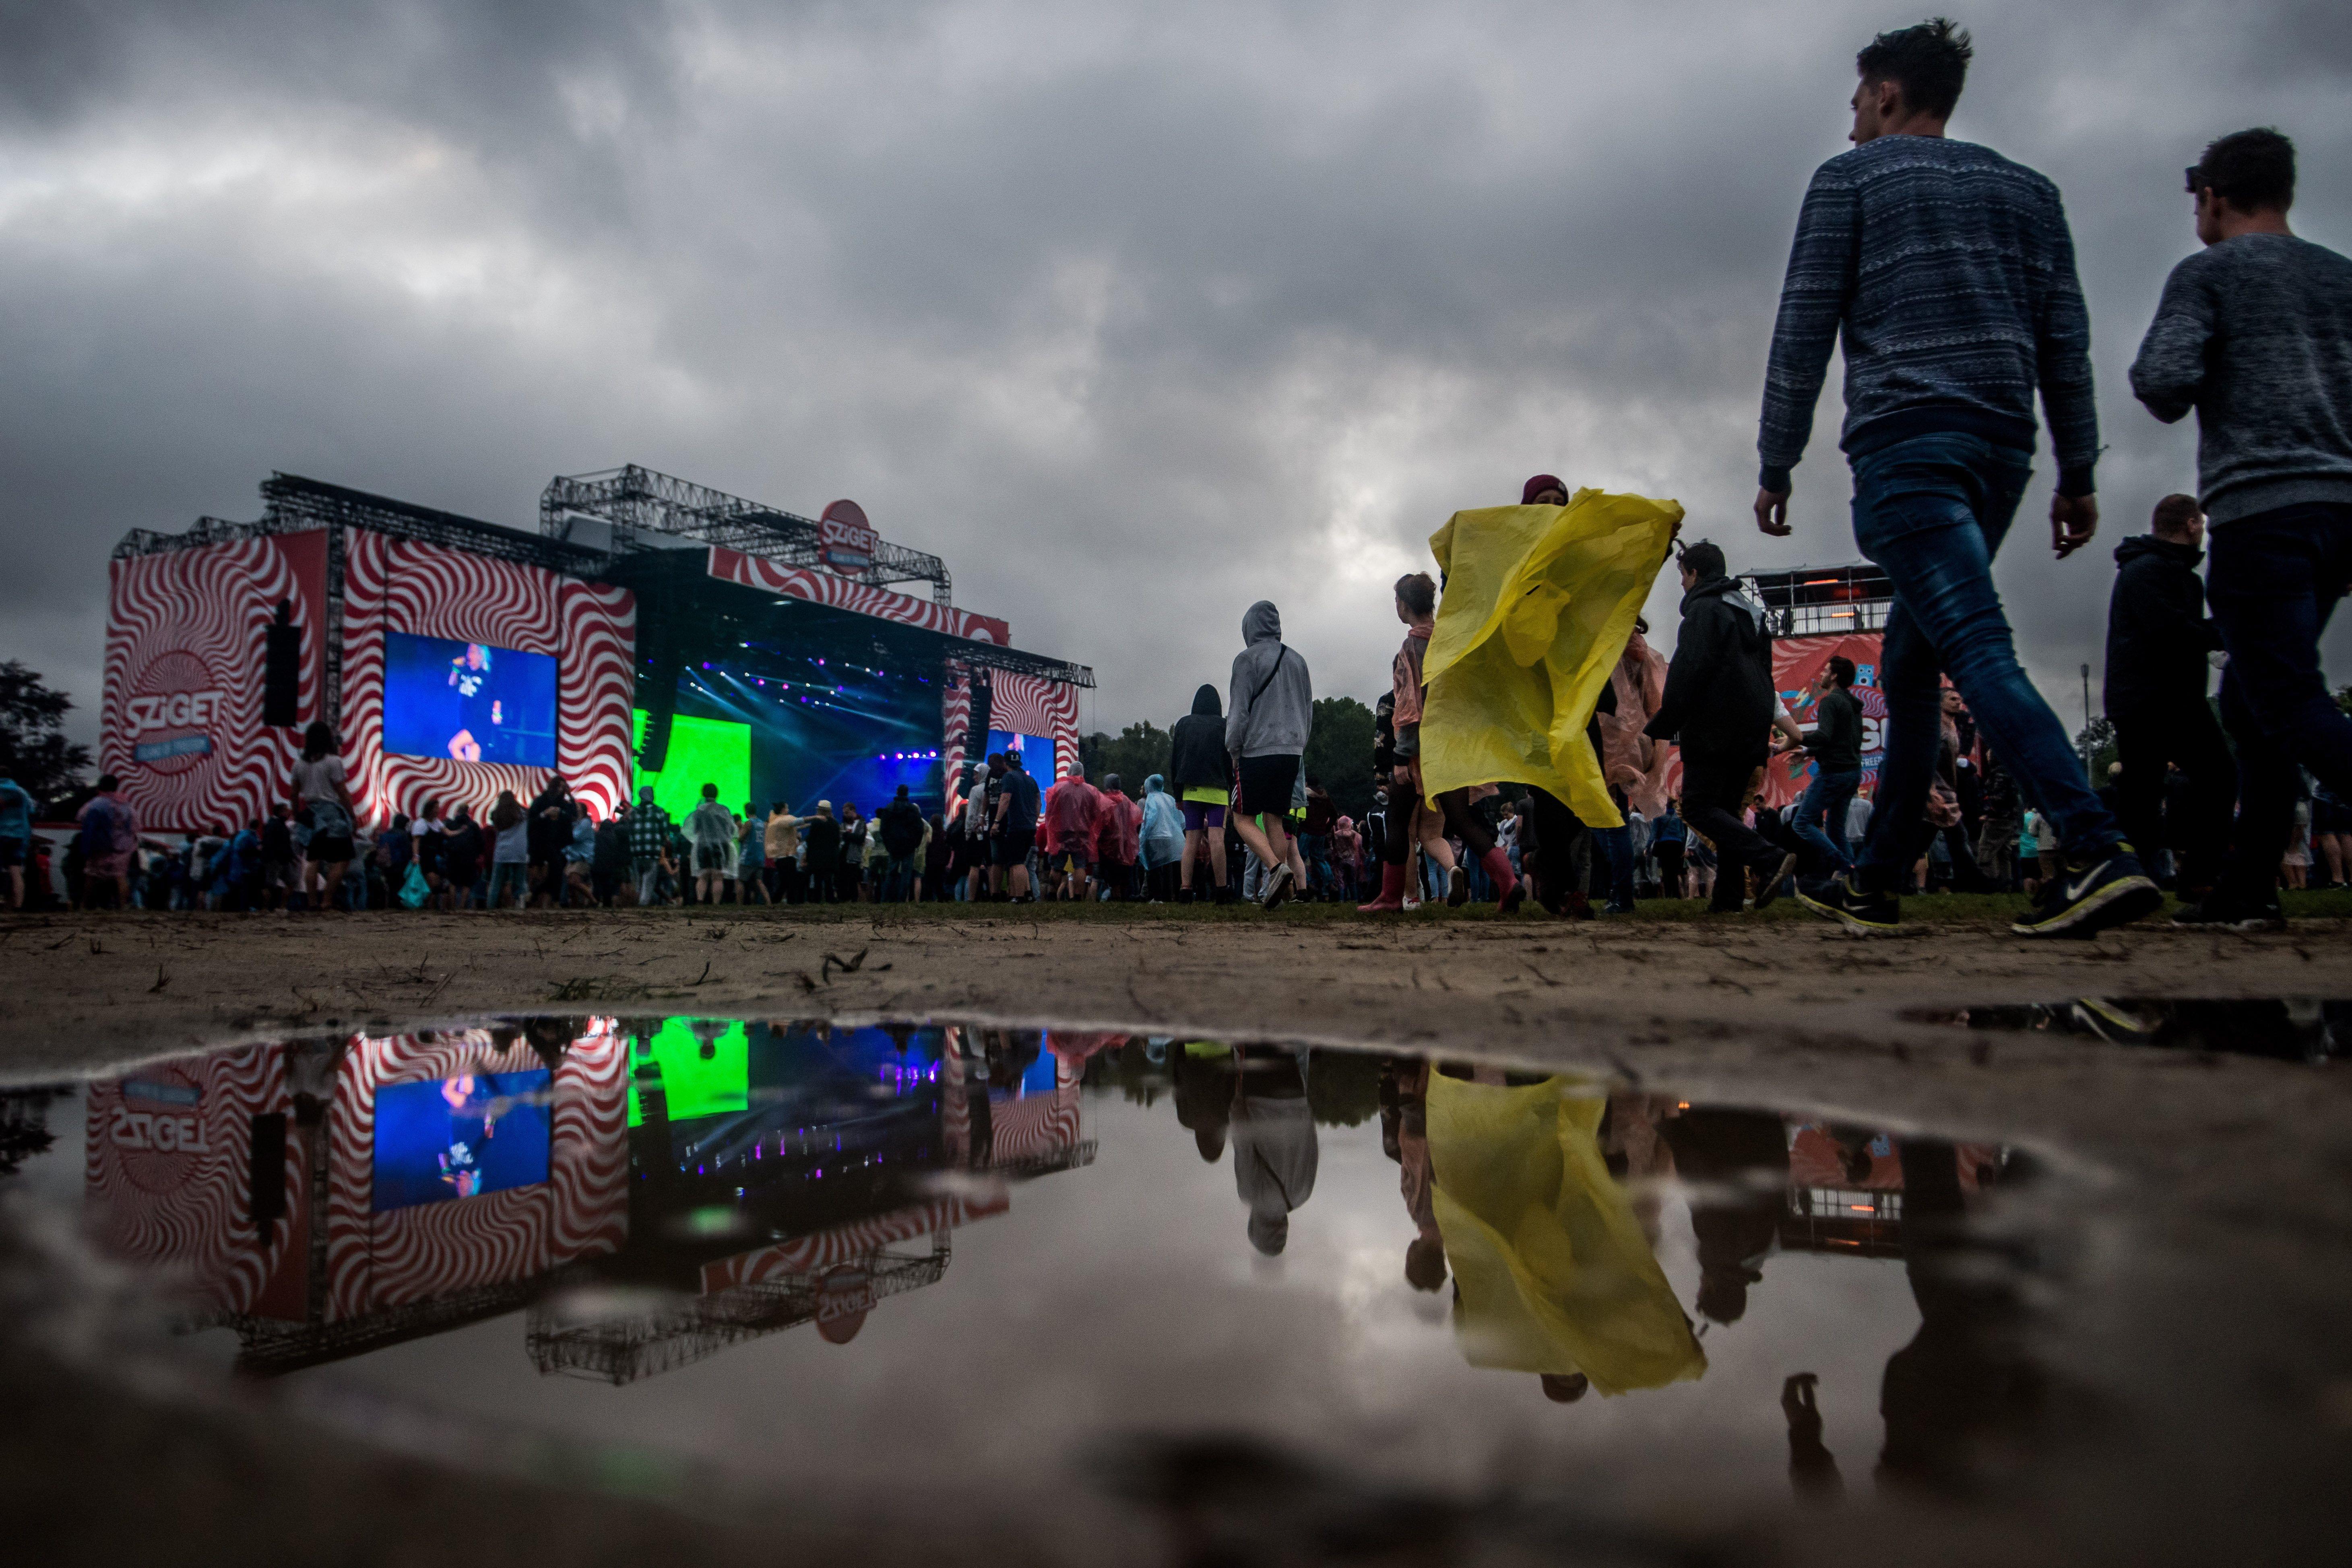 Fesztiválozók a nagyszínpad előtt a budapesti Hajógyári-szigeten a 24. Sziget fesztivál mínusz egyedik napján, 2016. augusztus 10-én. MTI Fotó: Balogh Zoltán